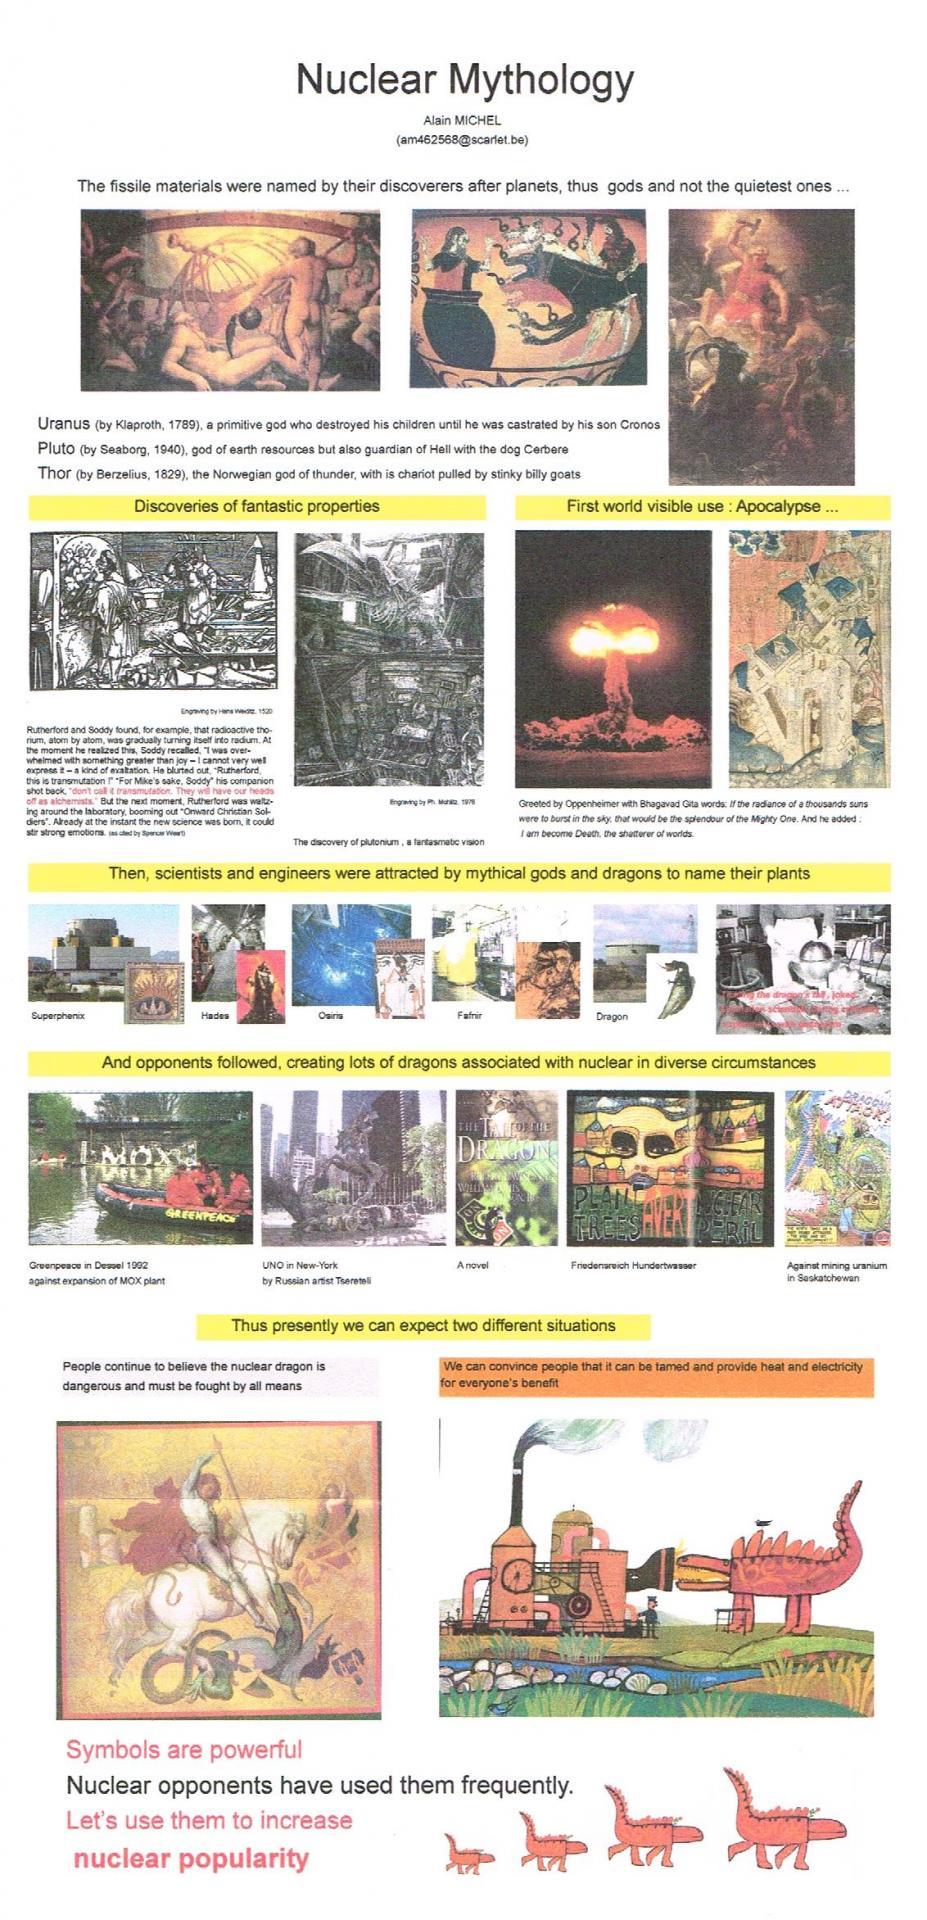 Poster enc 2012 a michel 001